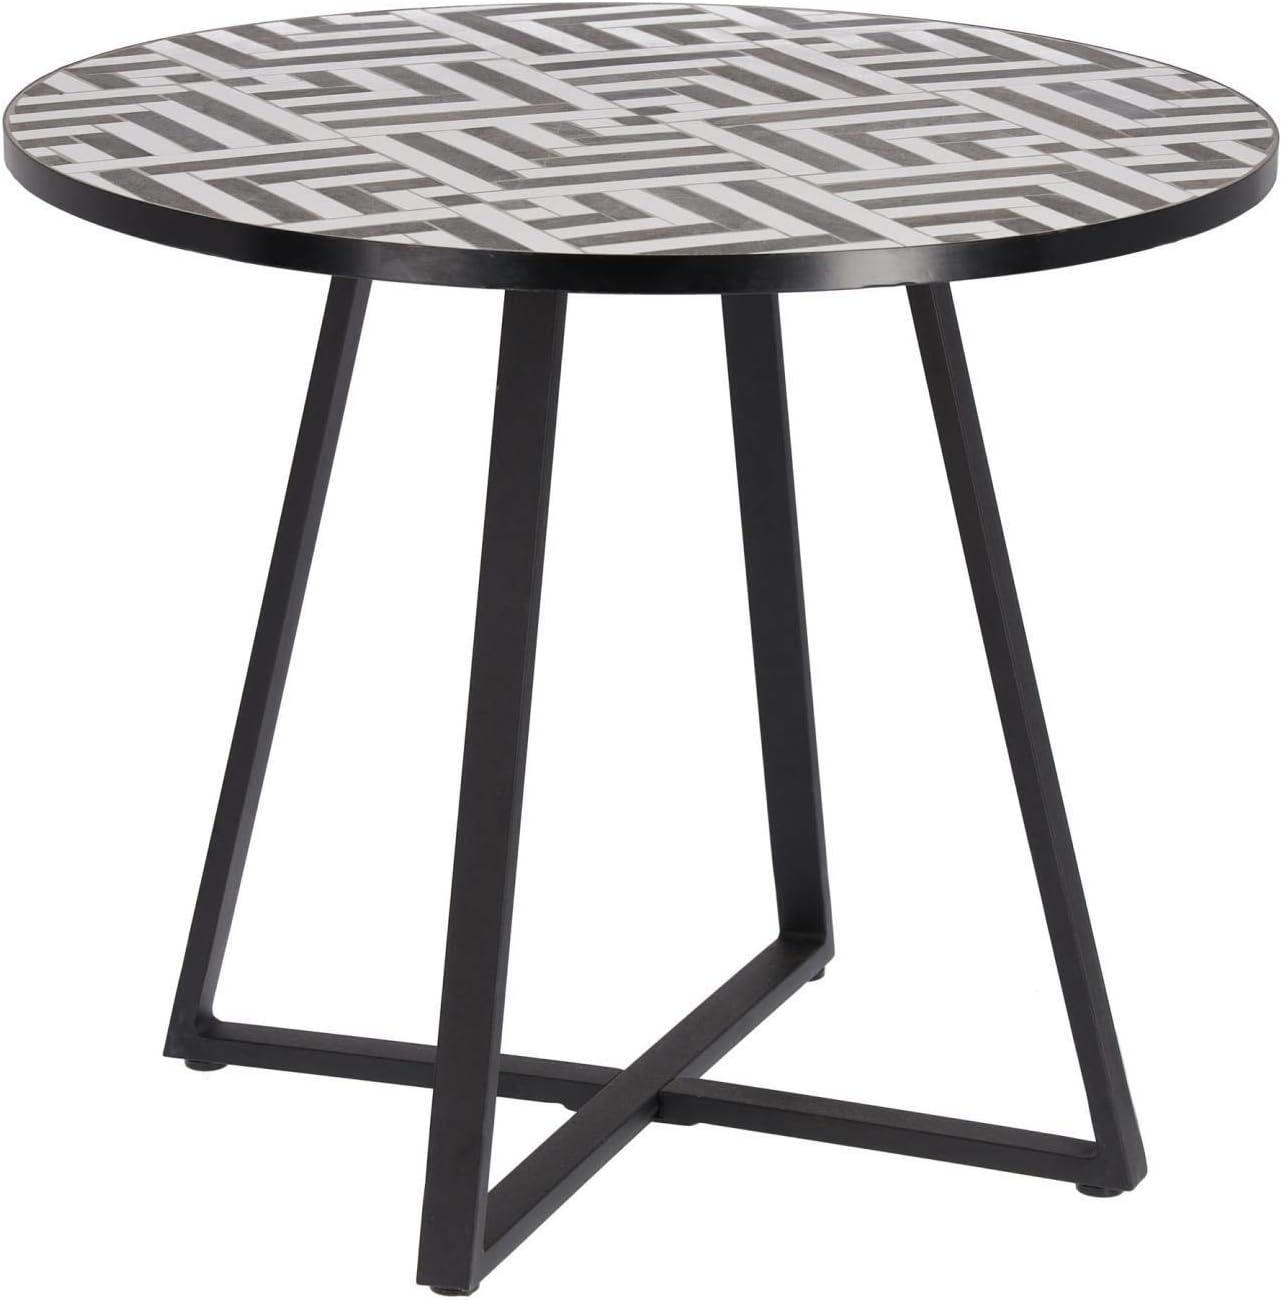 Kave Home - Mesa de Comedor Tella Redonda Ø 90 cm con Mosaico de Azulejos Negro y Blanco para Interior y Exterior